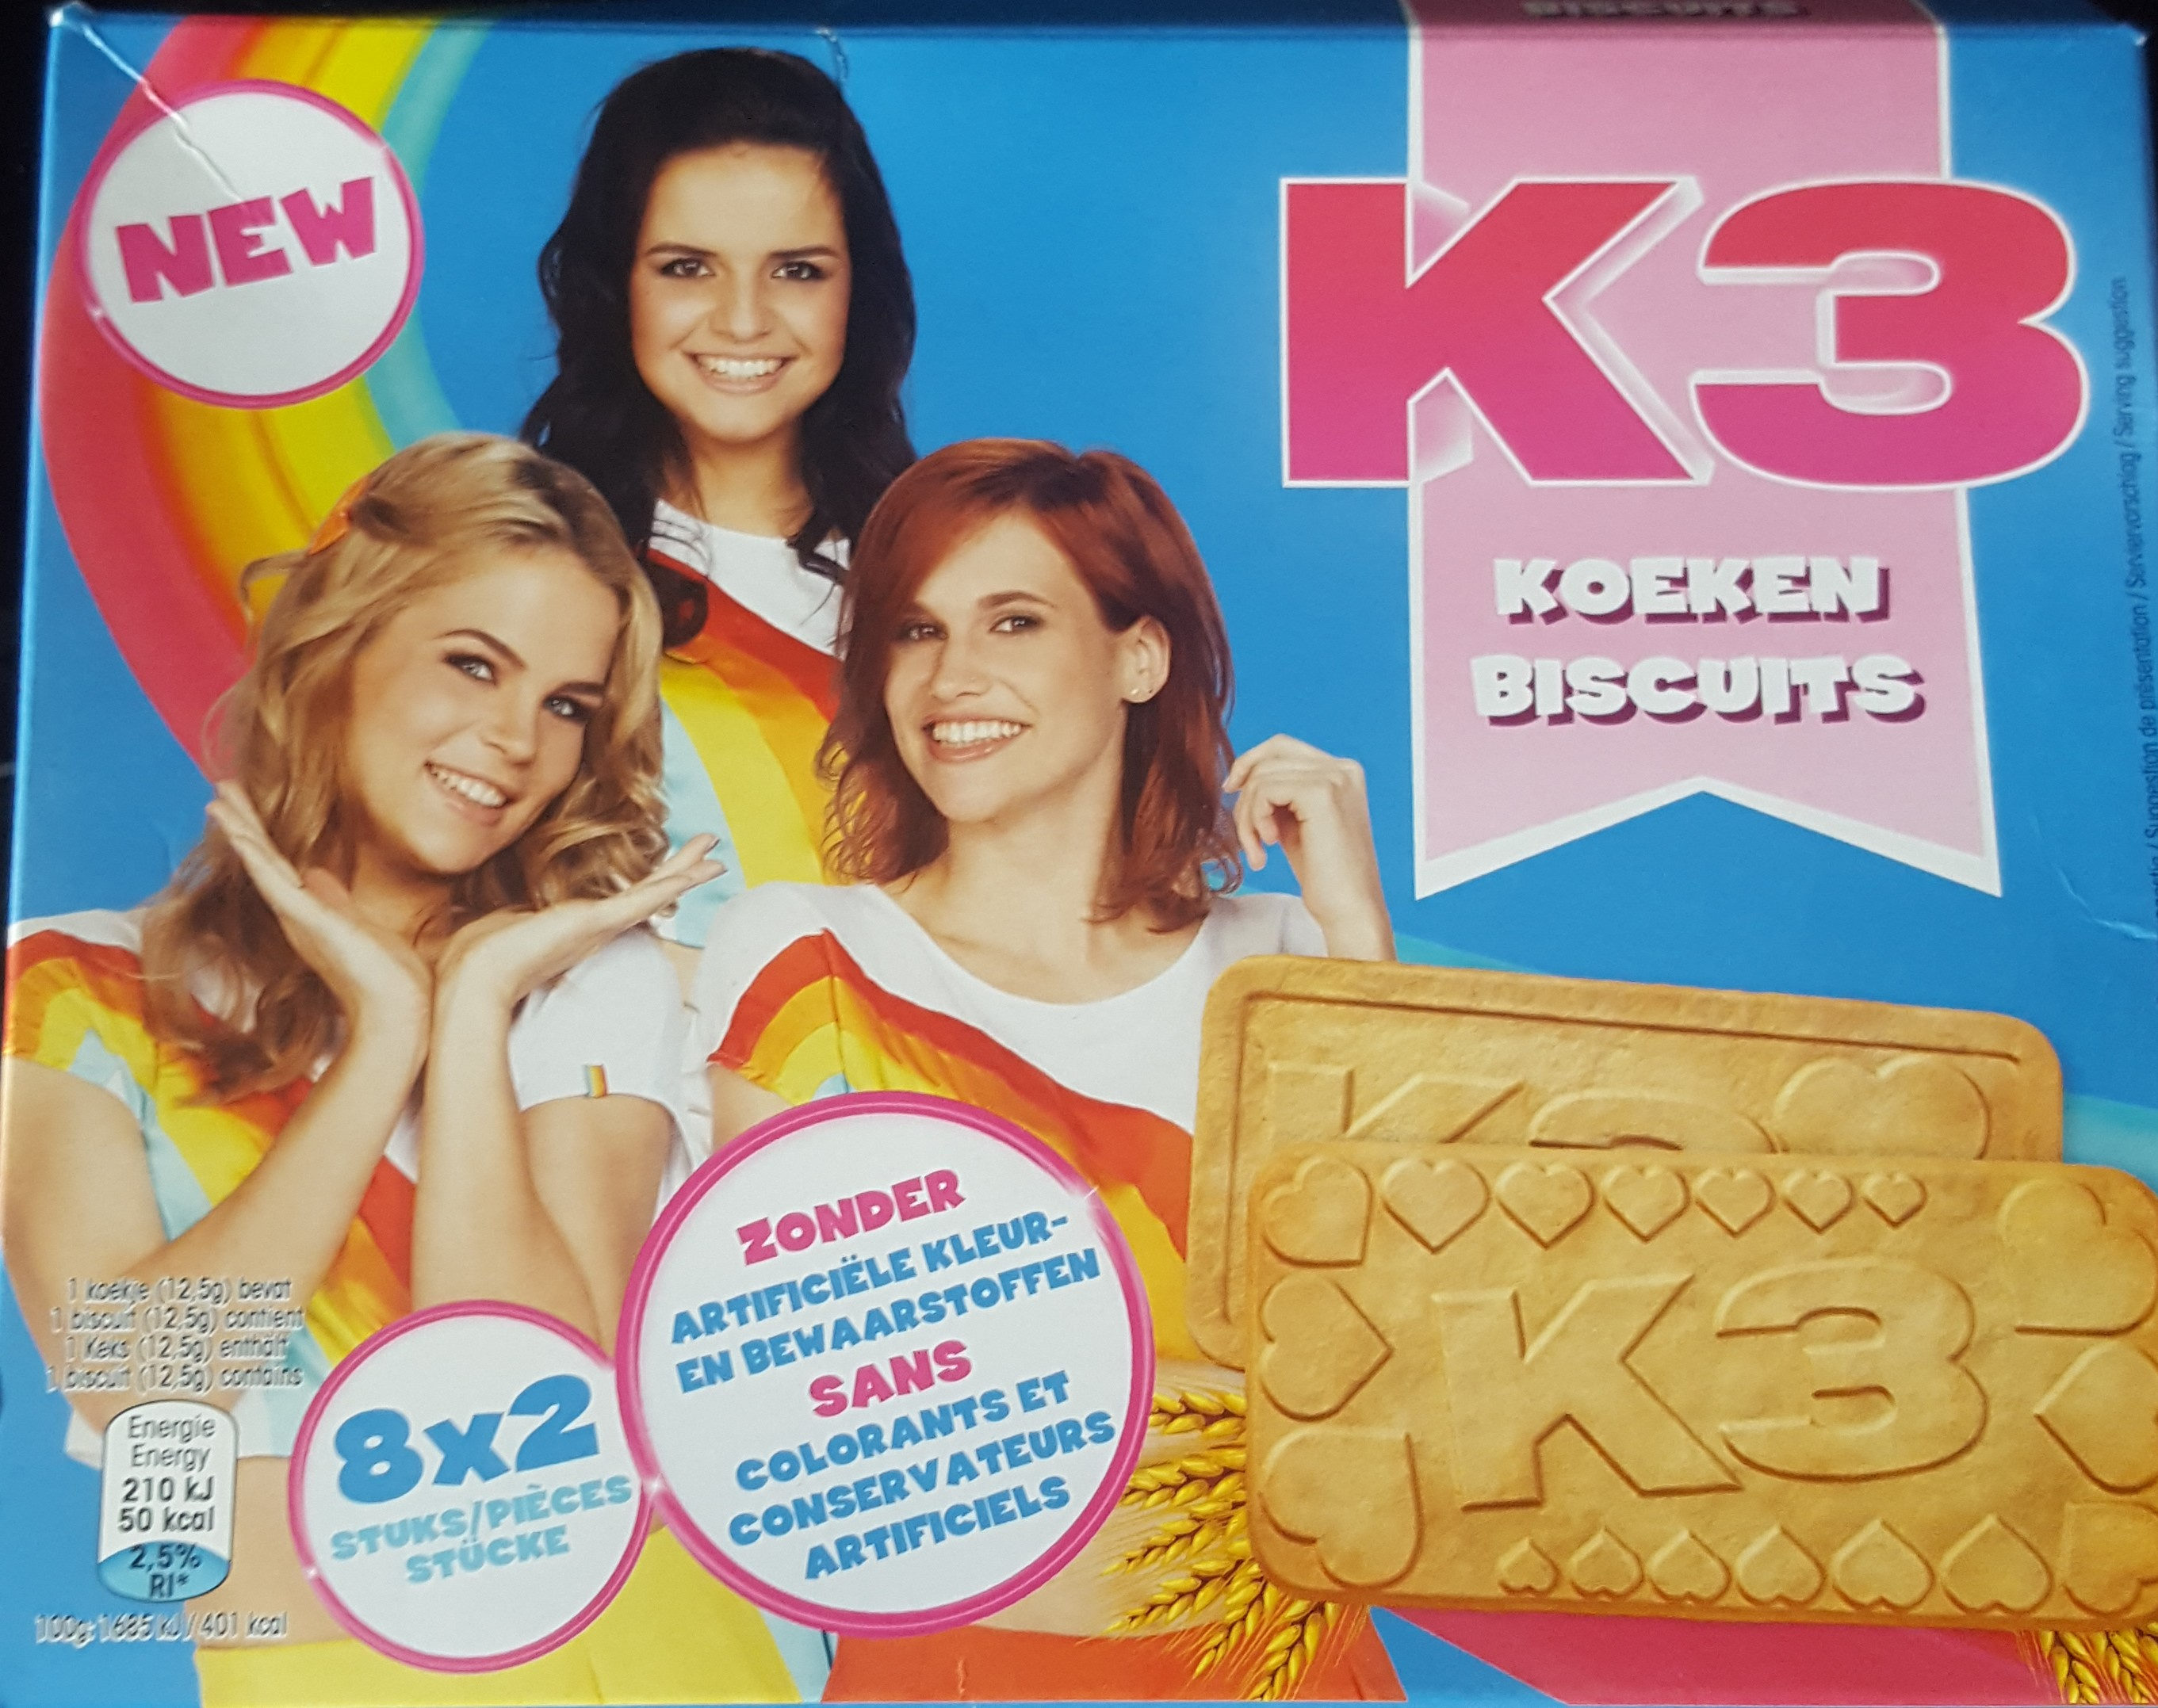 K3 KOEKEN - Product - fr